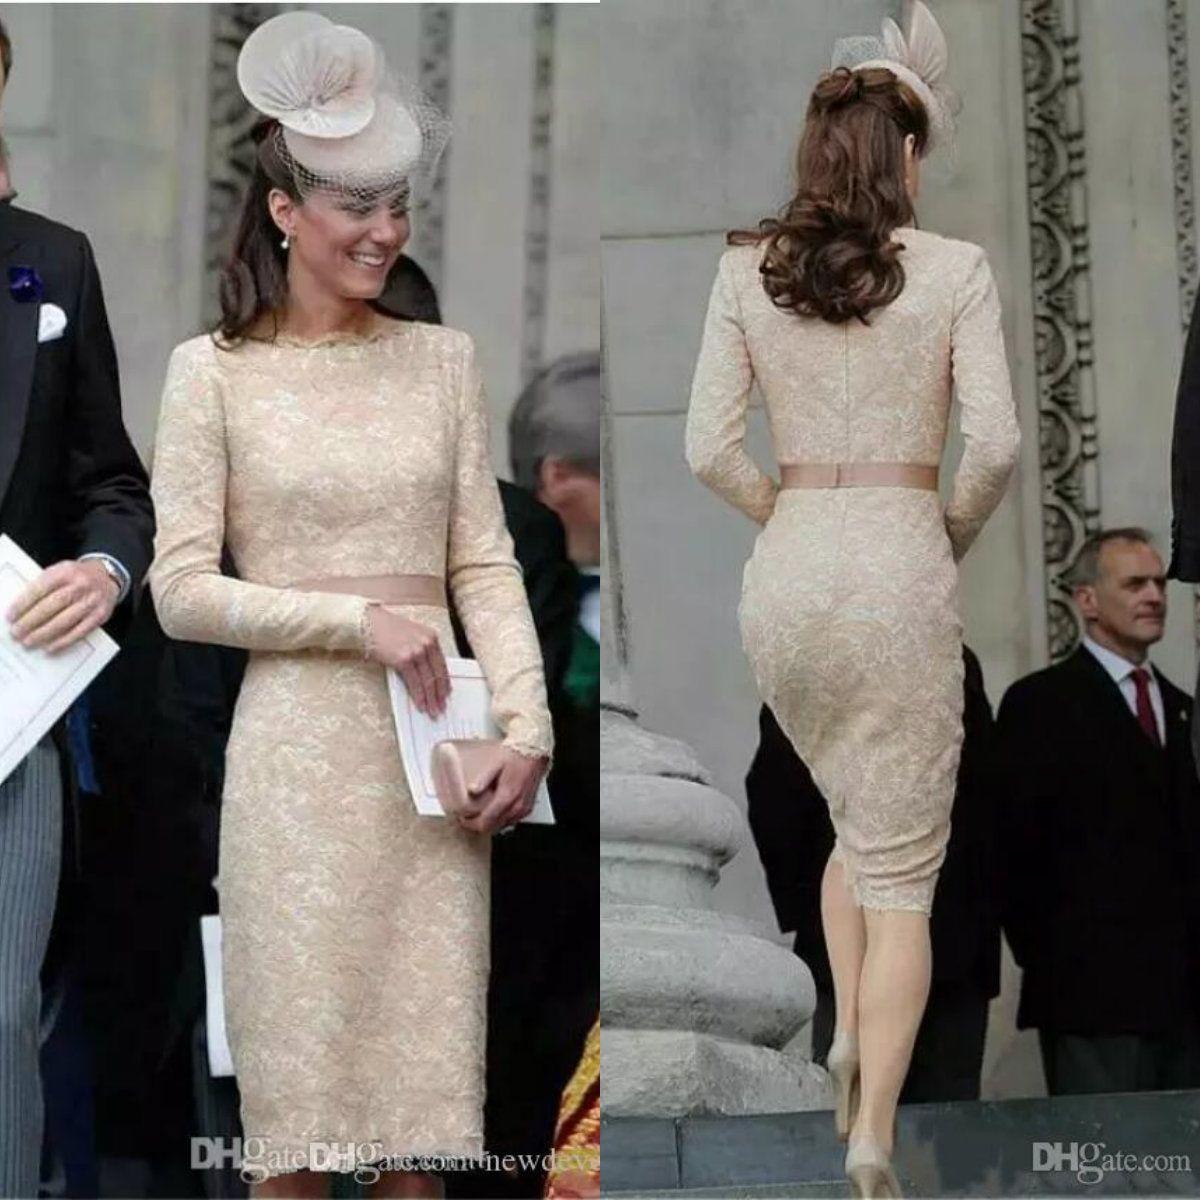 Abito Cerimonia Kate Middleton.Acquista Celebrity Kate Middleton Champagne Abiti La Madre Della